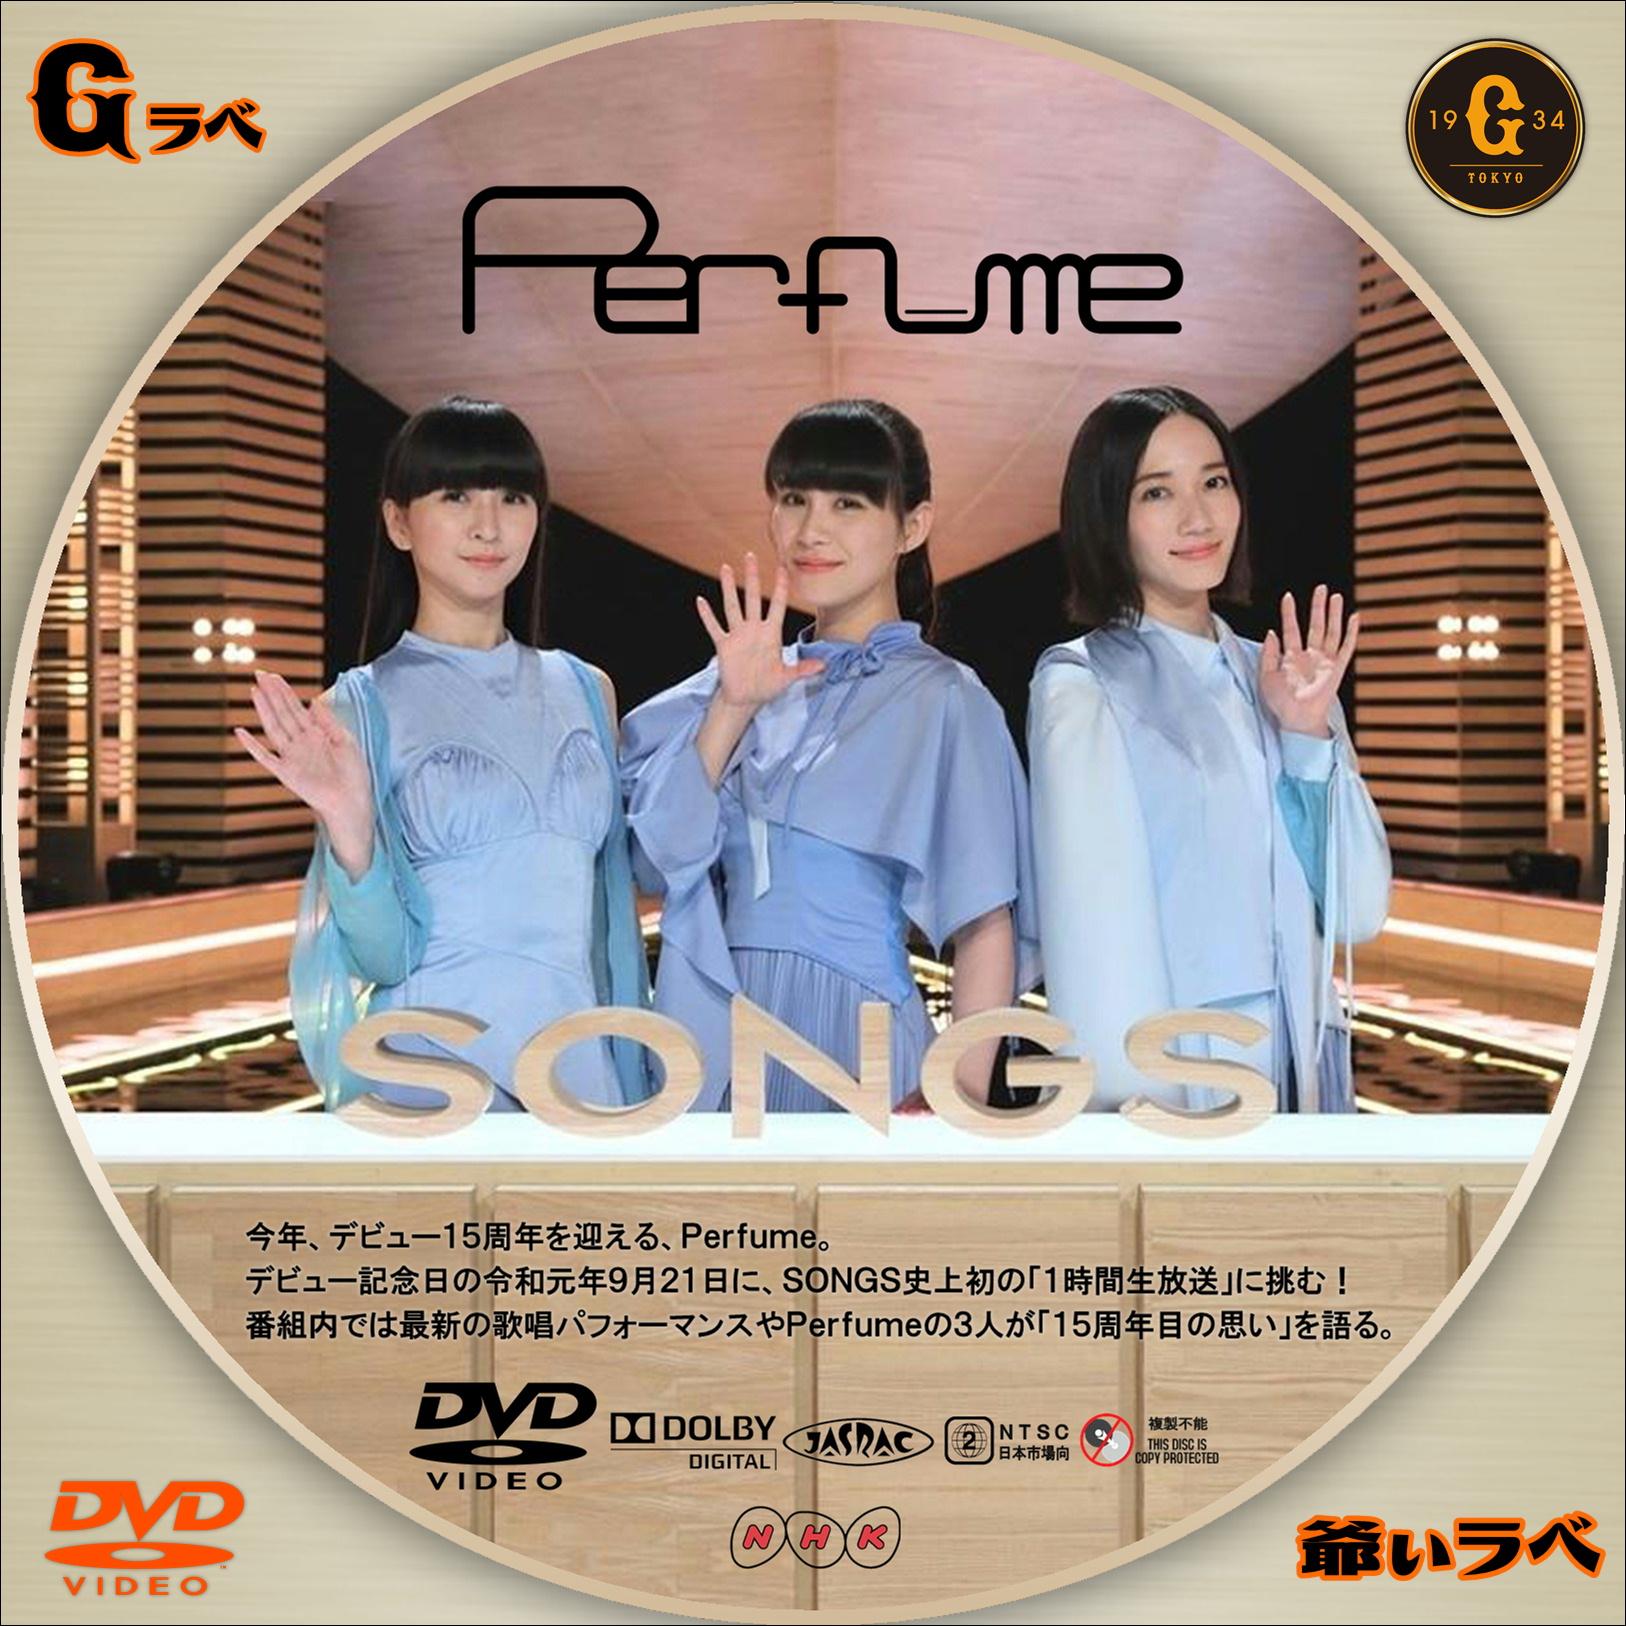 SONGS Perfume(DVD)